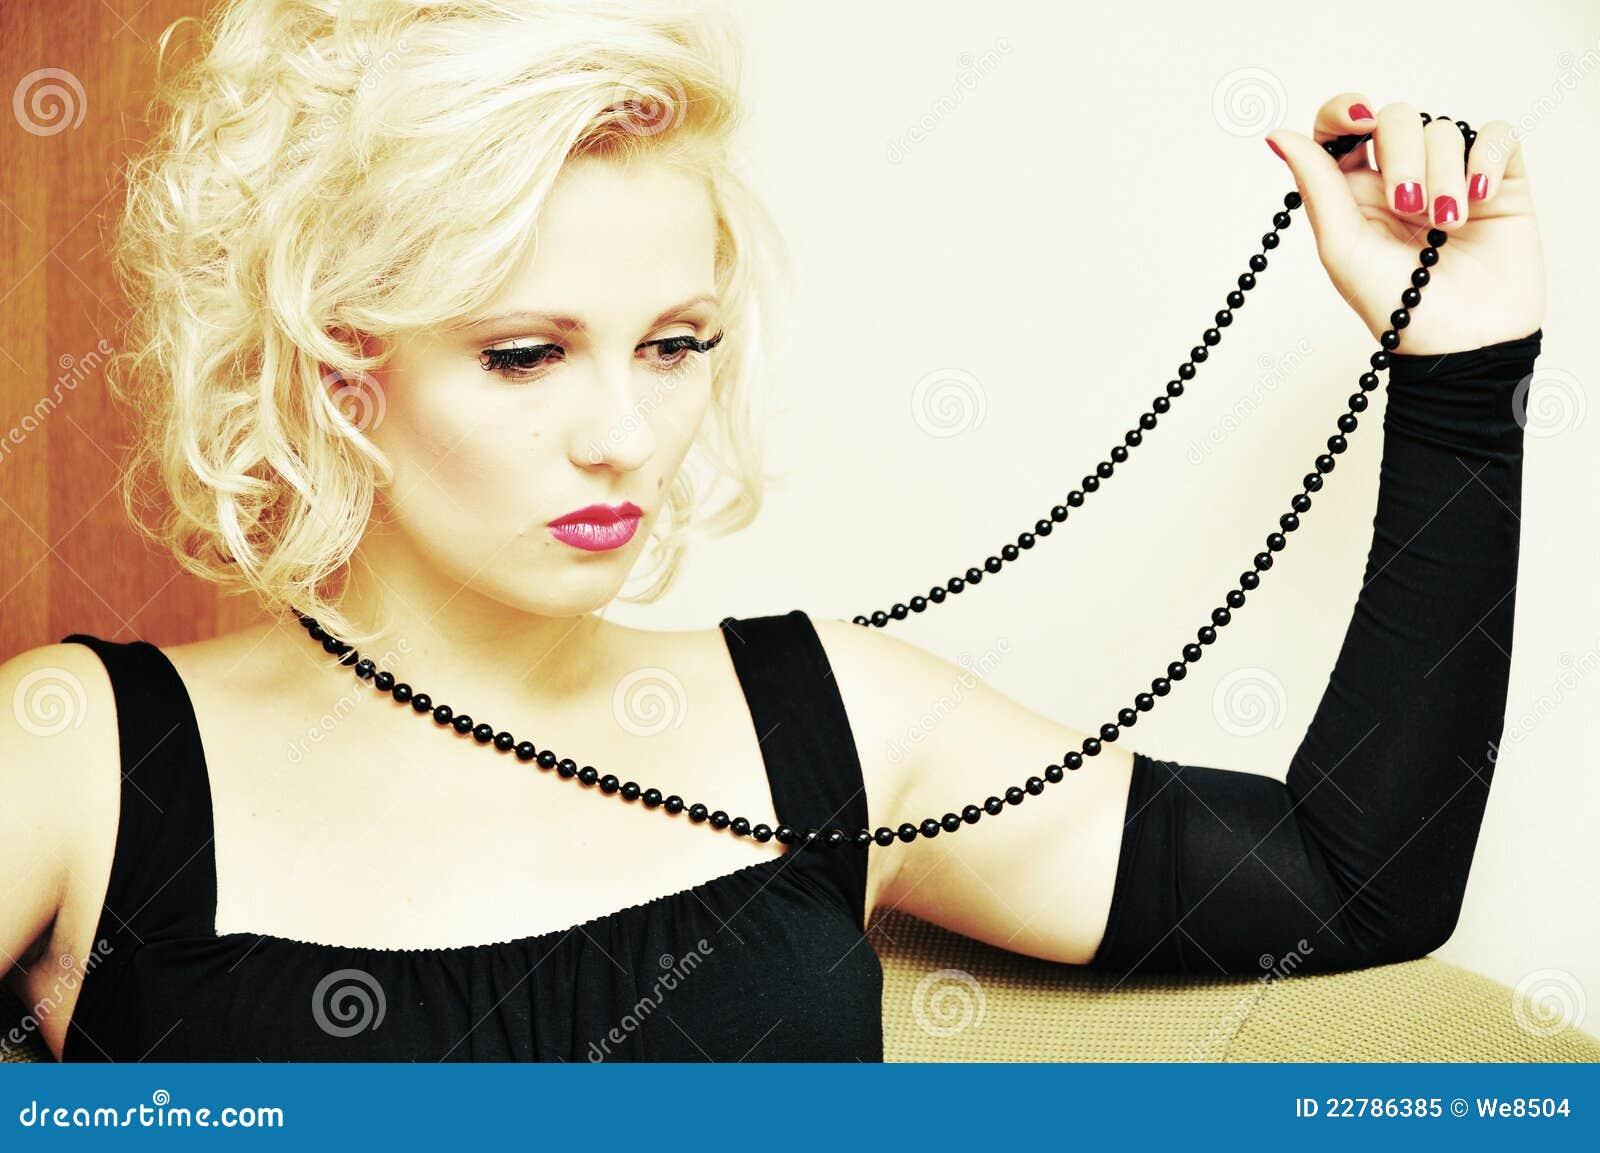 στοχαστική γυναίκα συμβολοσειράς χαντρών μαύρη όμορφη